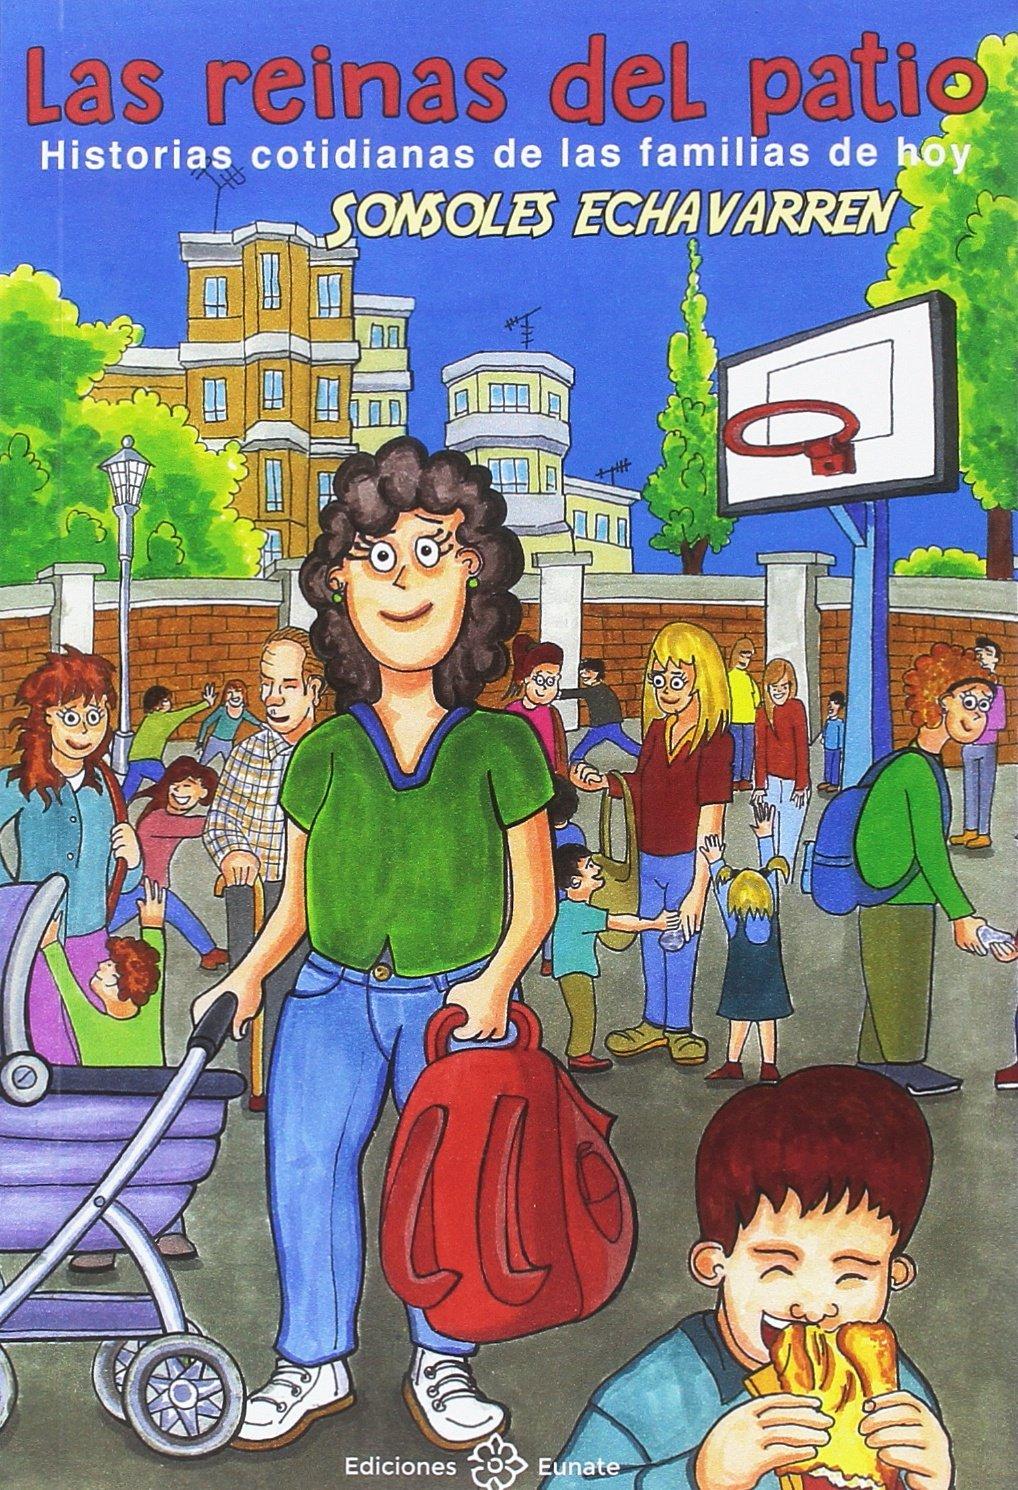 Las reinas del patio: Historias cotidianas de las familias de hoy Tapa blanda – 17 oct 2018 Sonsoles Echavarren Roselló Ediciones Eunate 8477683379 JHBK